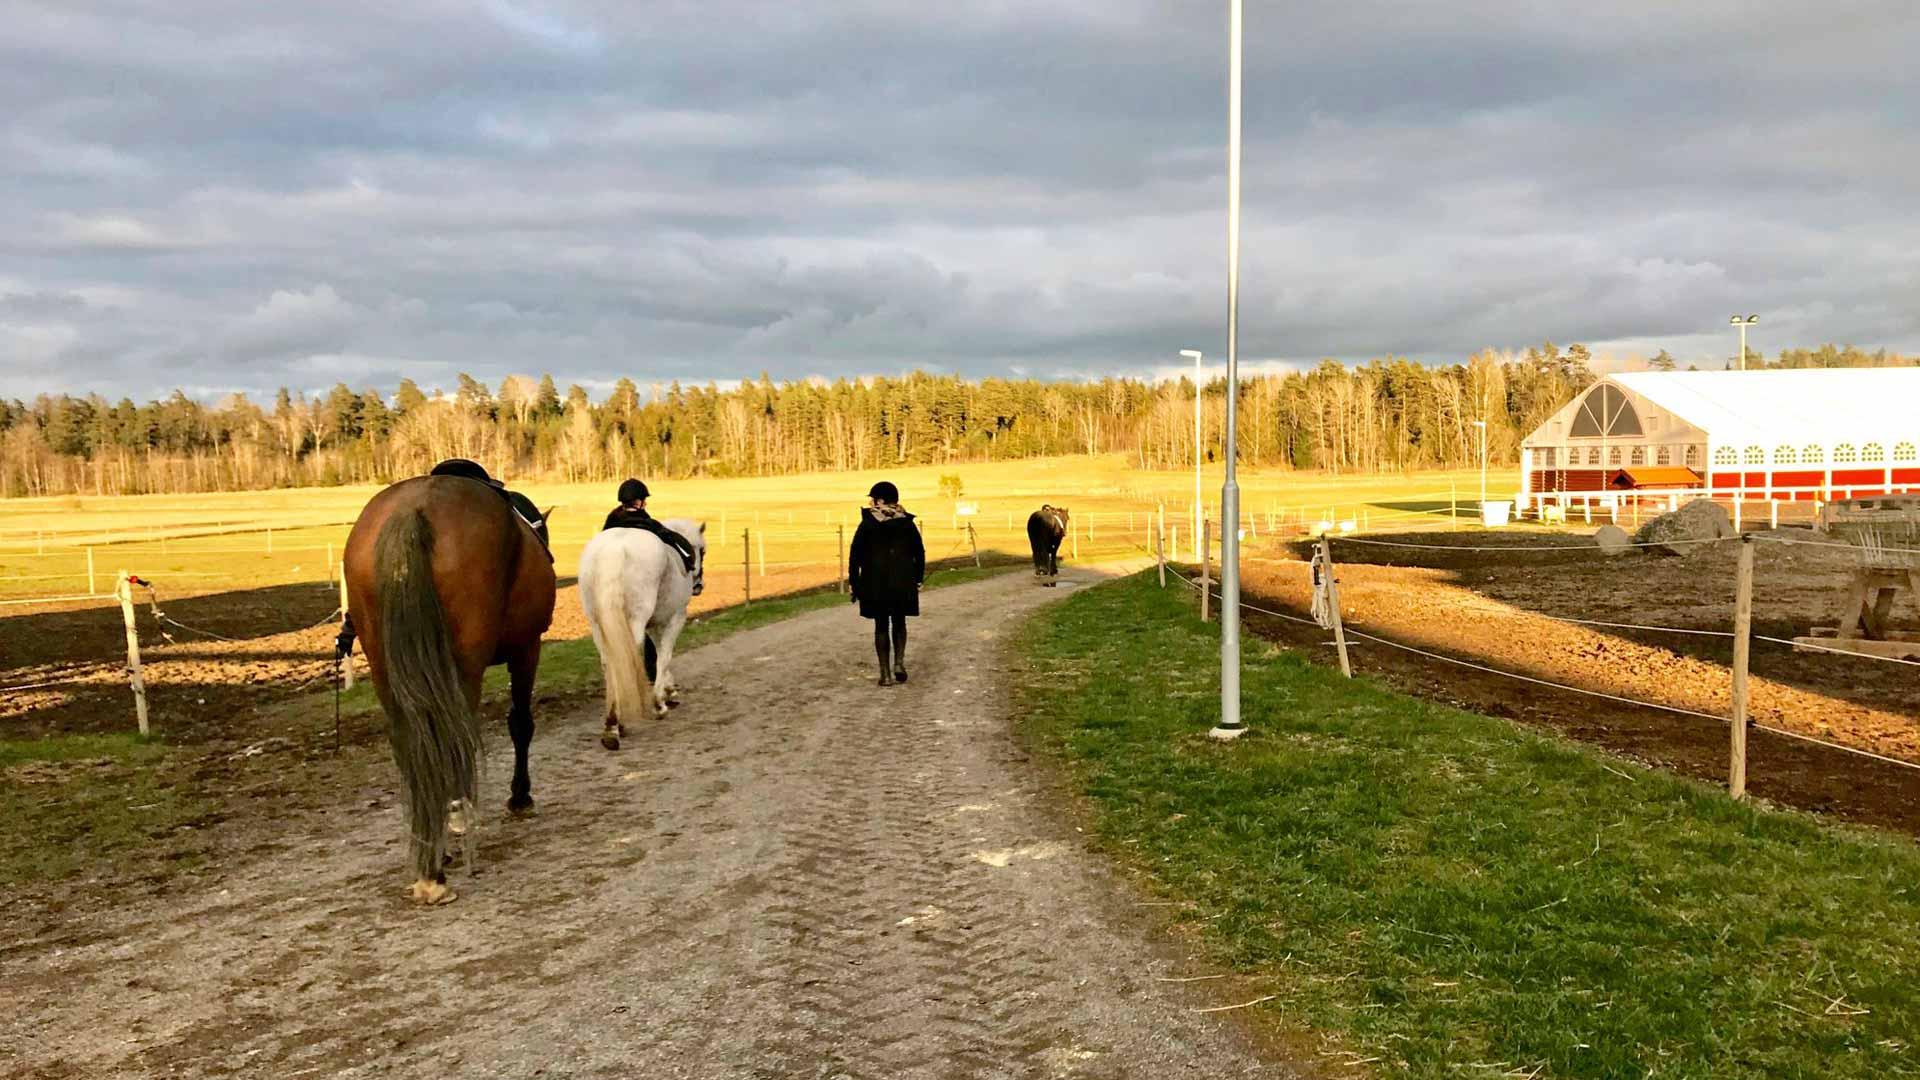 Ratsastuskoulut ovat jatkaneet toimintaansa, kunhan ratsukot pysyvät parin metrin päässä toisistaan.